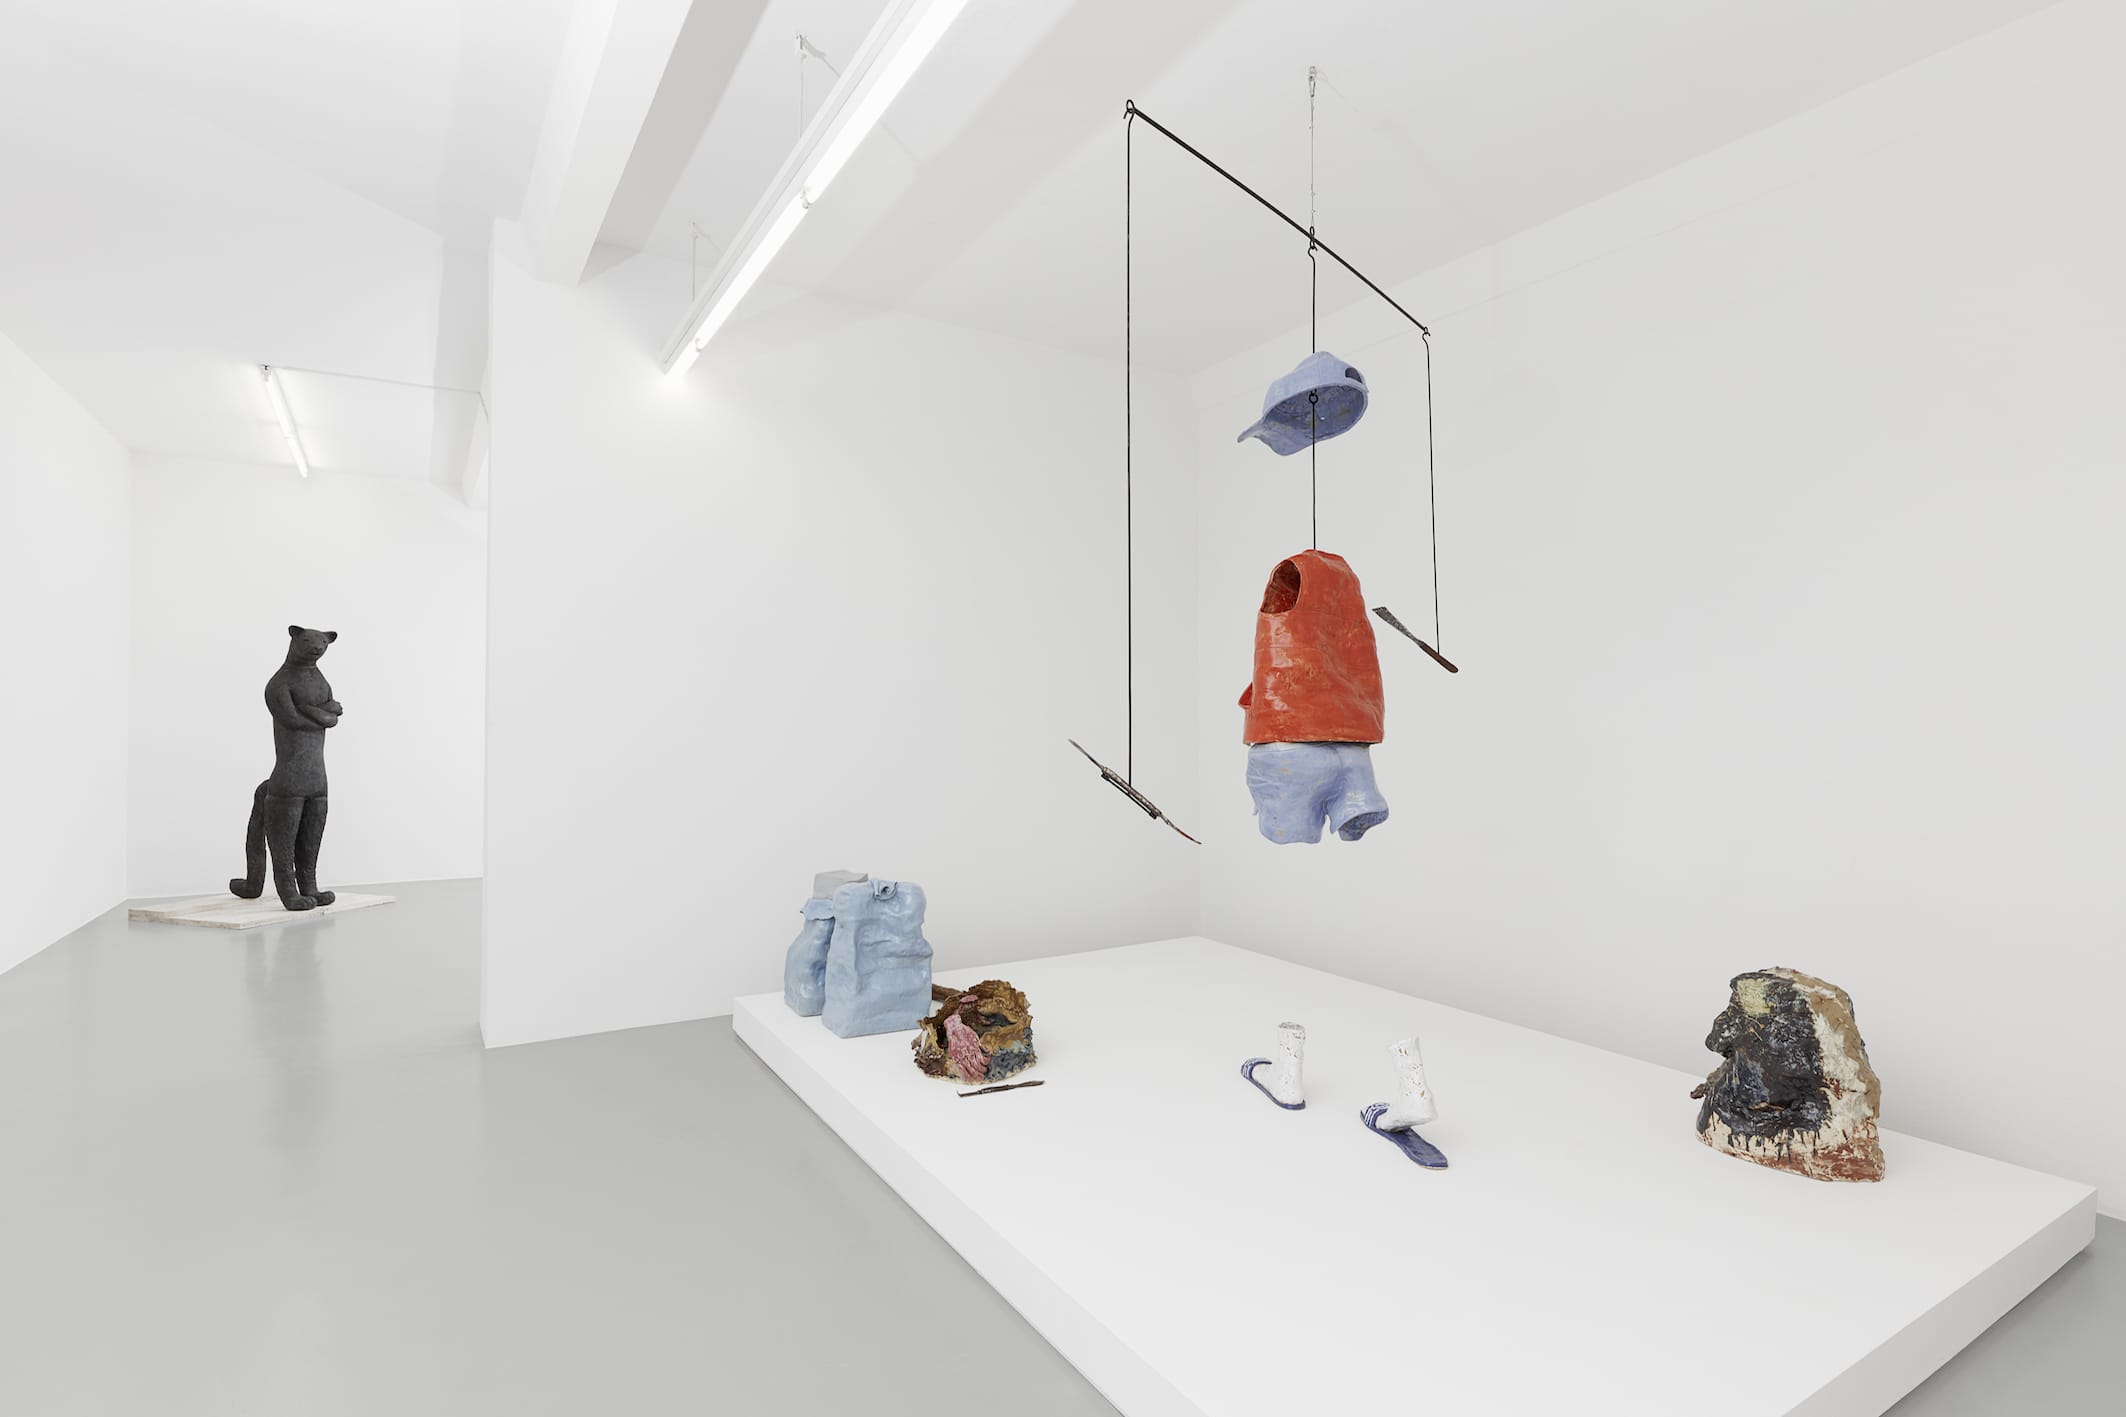 Ausstellungsansicht FURTHER THOUGHTS ON EARTHY MATERIALS GAK Gesellschaft für Aktuelle Kunst Photo: Tobias Hübel